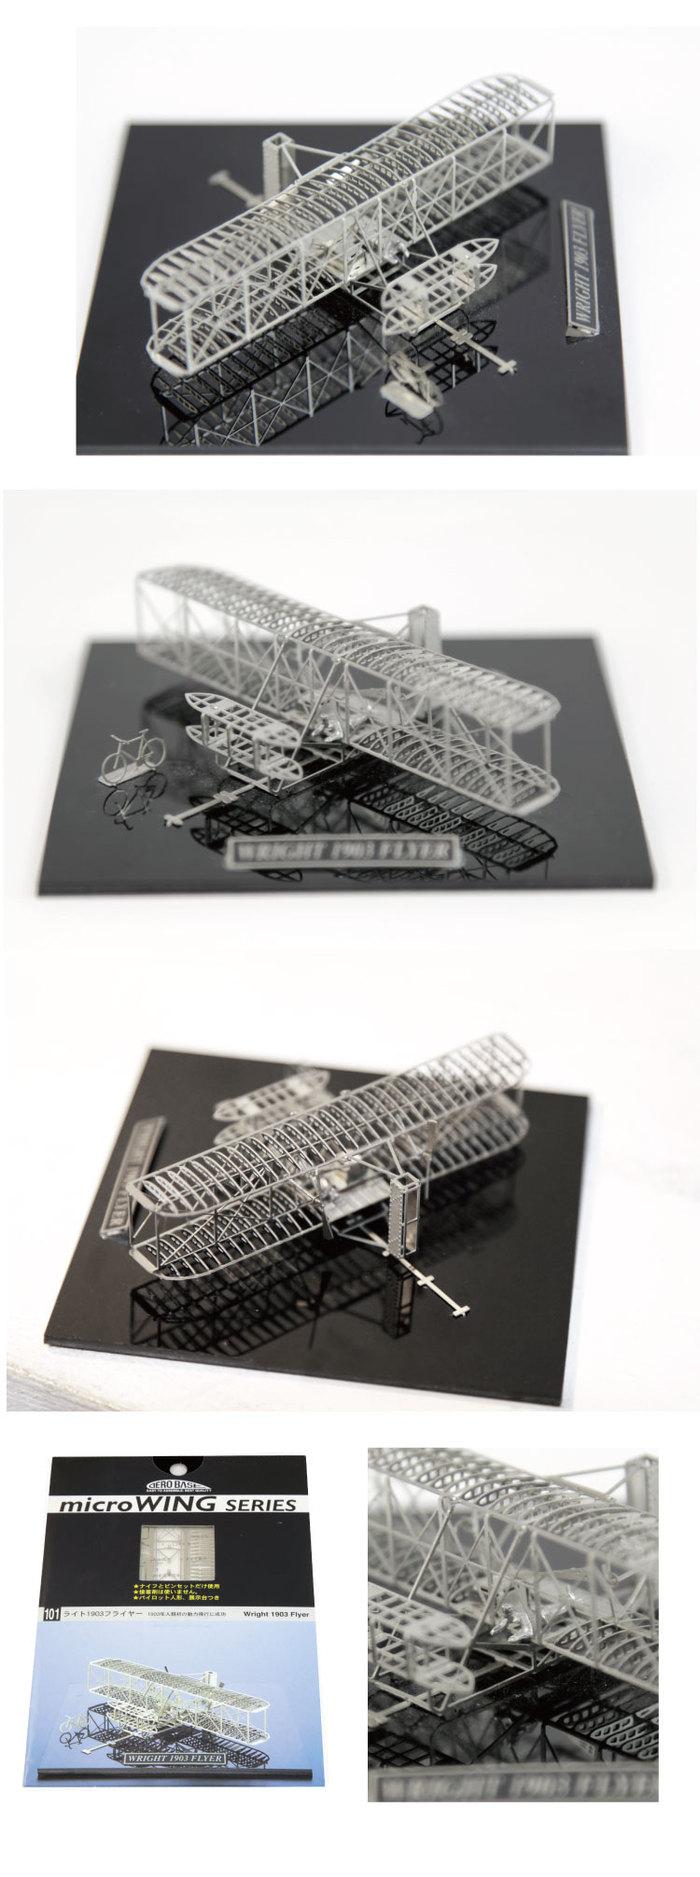 (複製)Aerobase 金屬模型組裝飛機Wright Baby Racer黃銅材質模型(1/160)